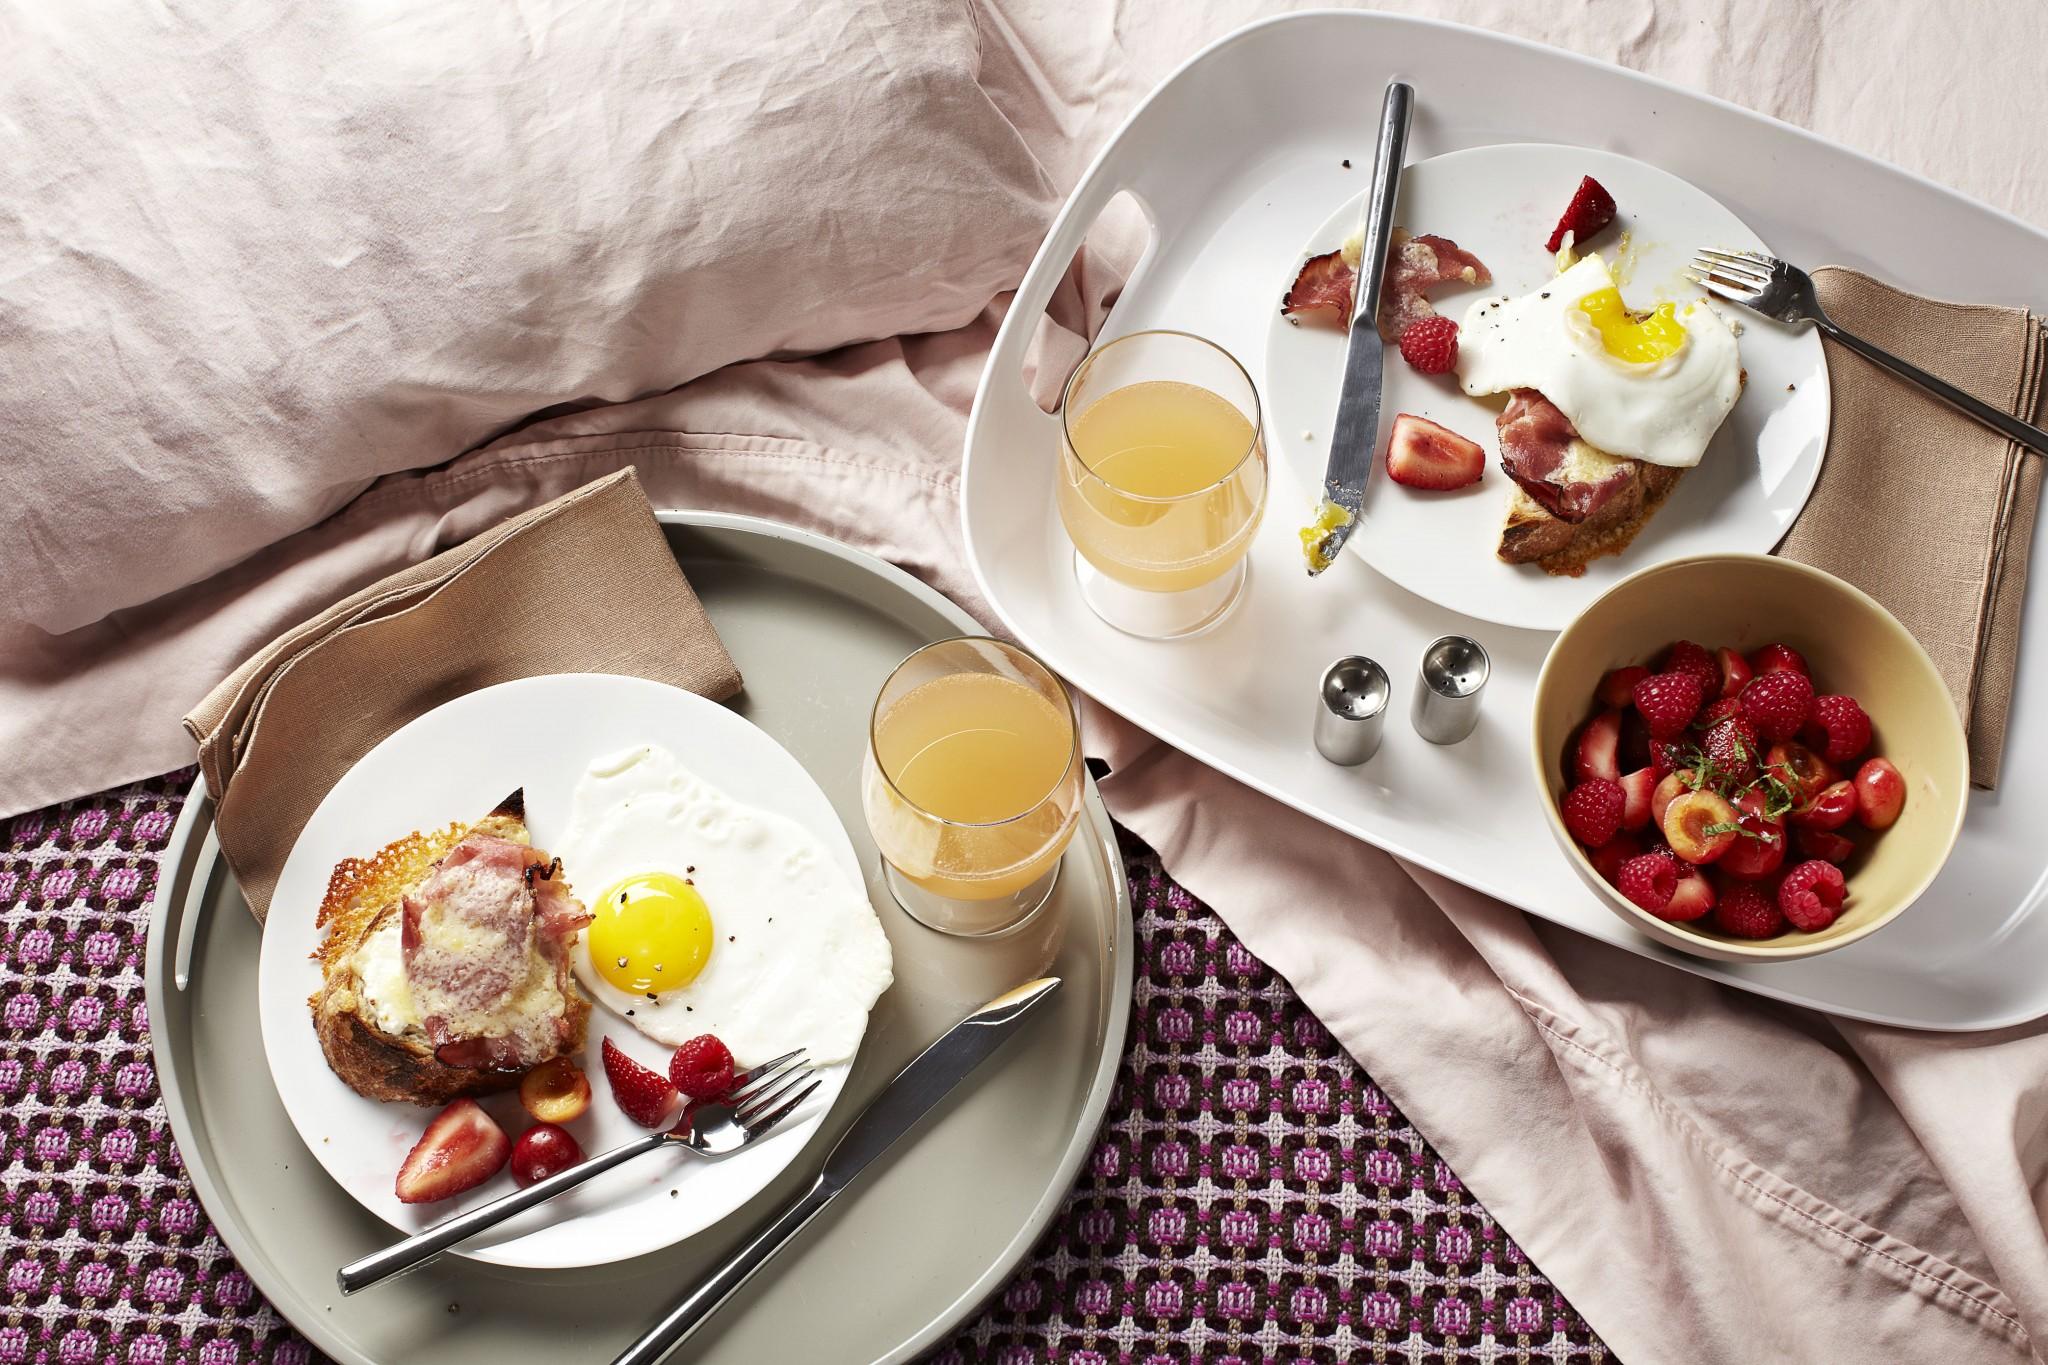 послепраздничный завтрак на двоих фото кого данном